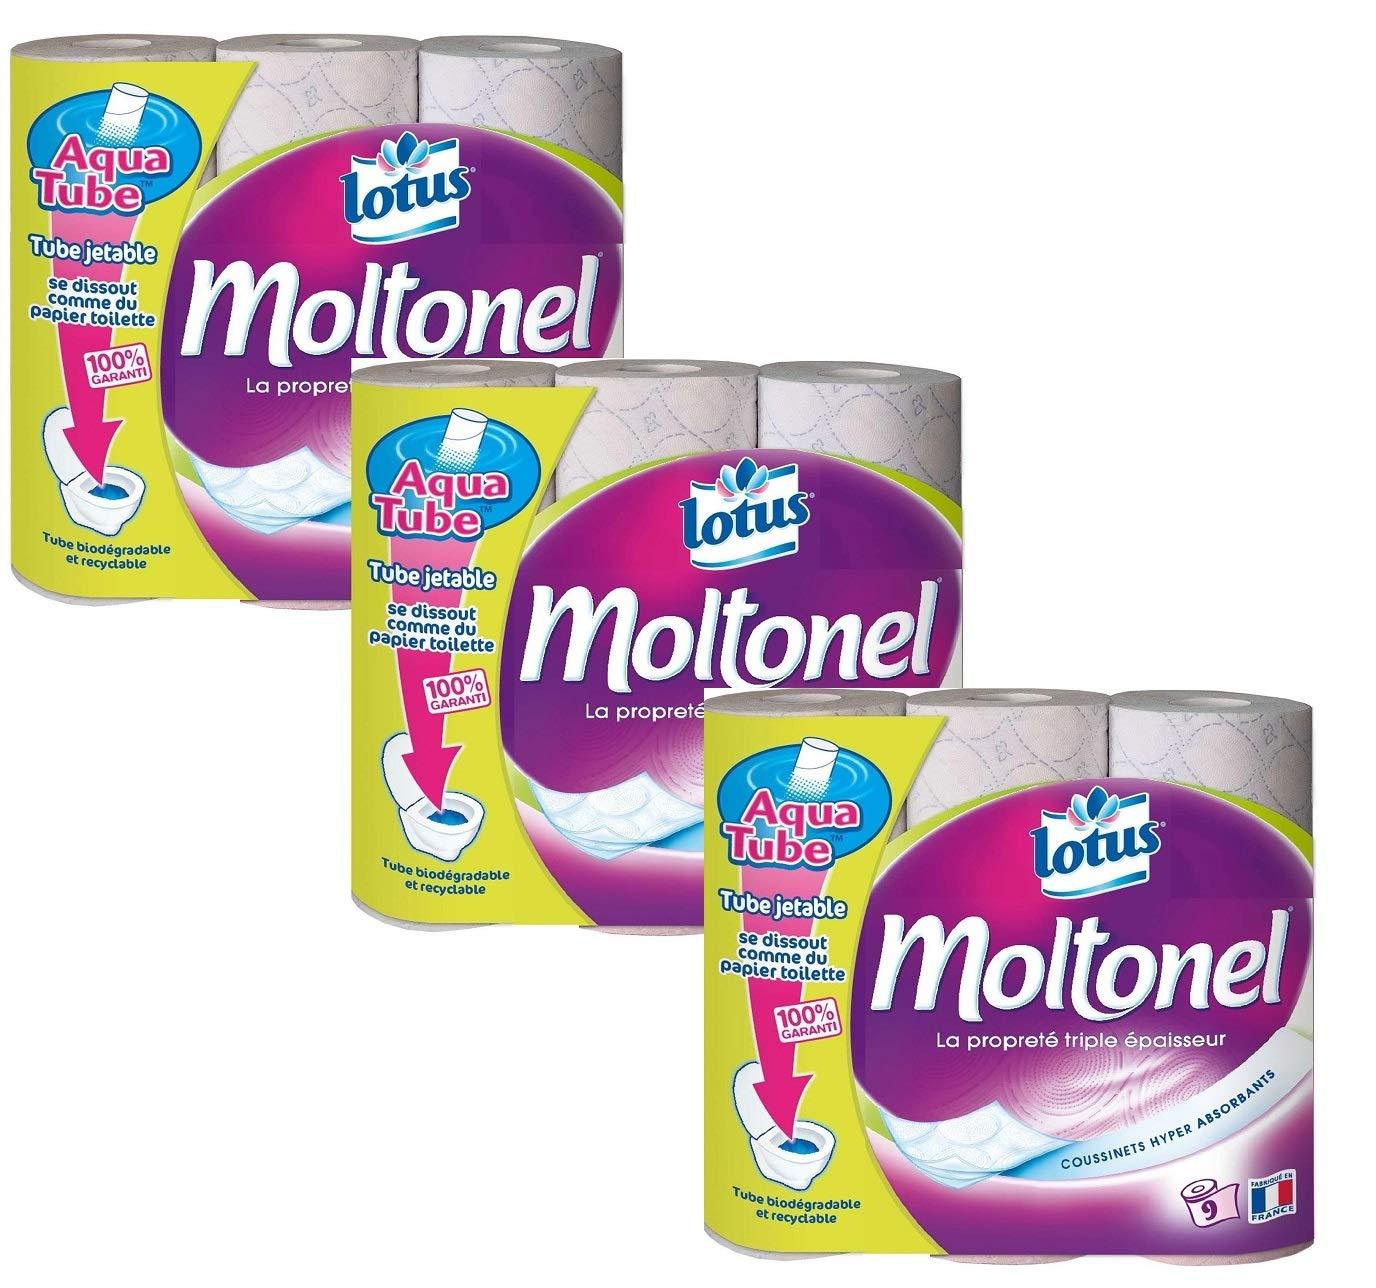 Lotus Moltonel 27 rollos papel higiénico 3 capas, suave resistente ...